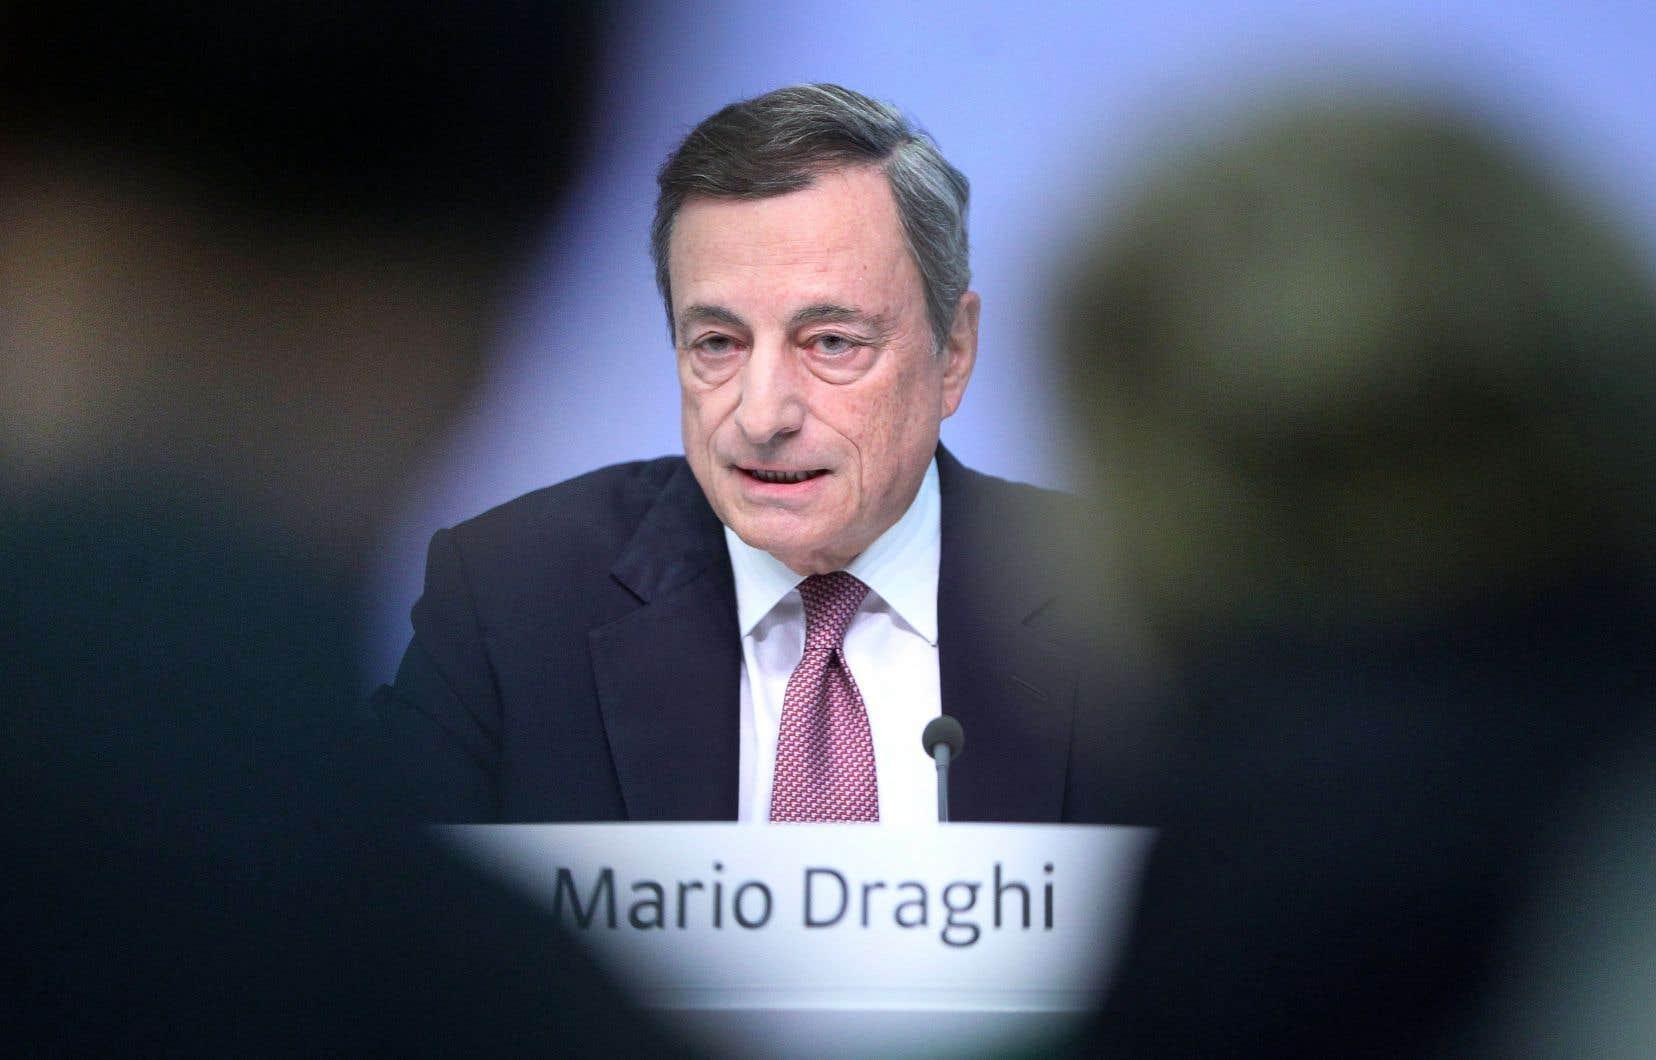 «Le protectionnisme croissant» figure toujours au premier rang des préoccupations, a rappelé Mario Draghi, président de la Banque centrale européenne.